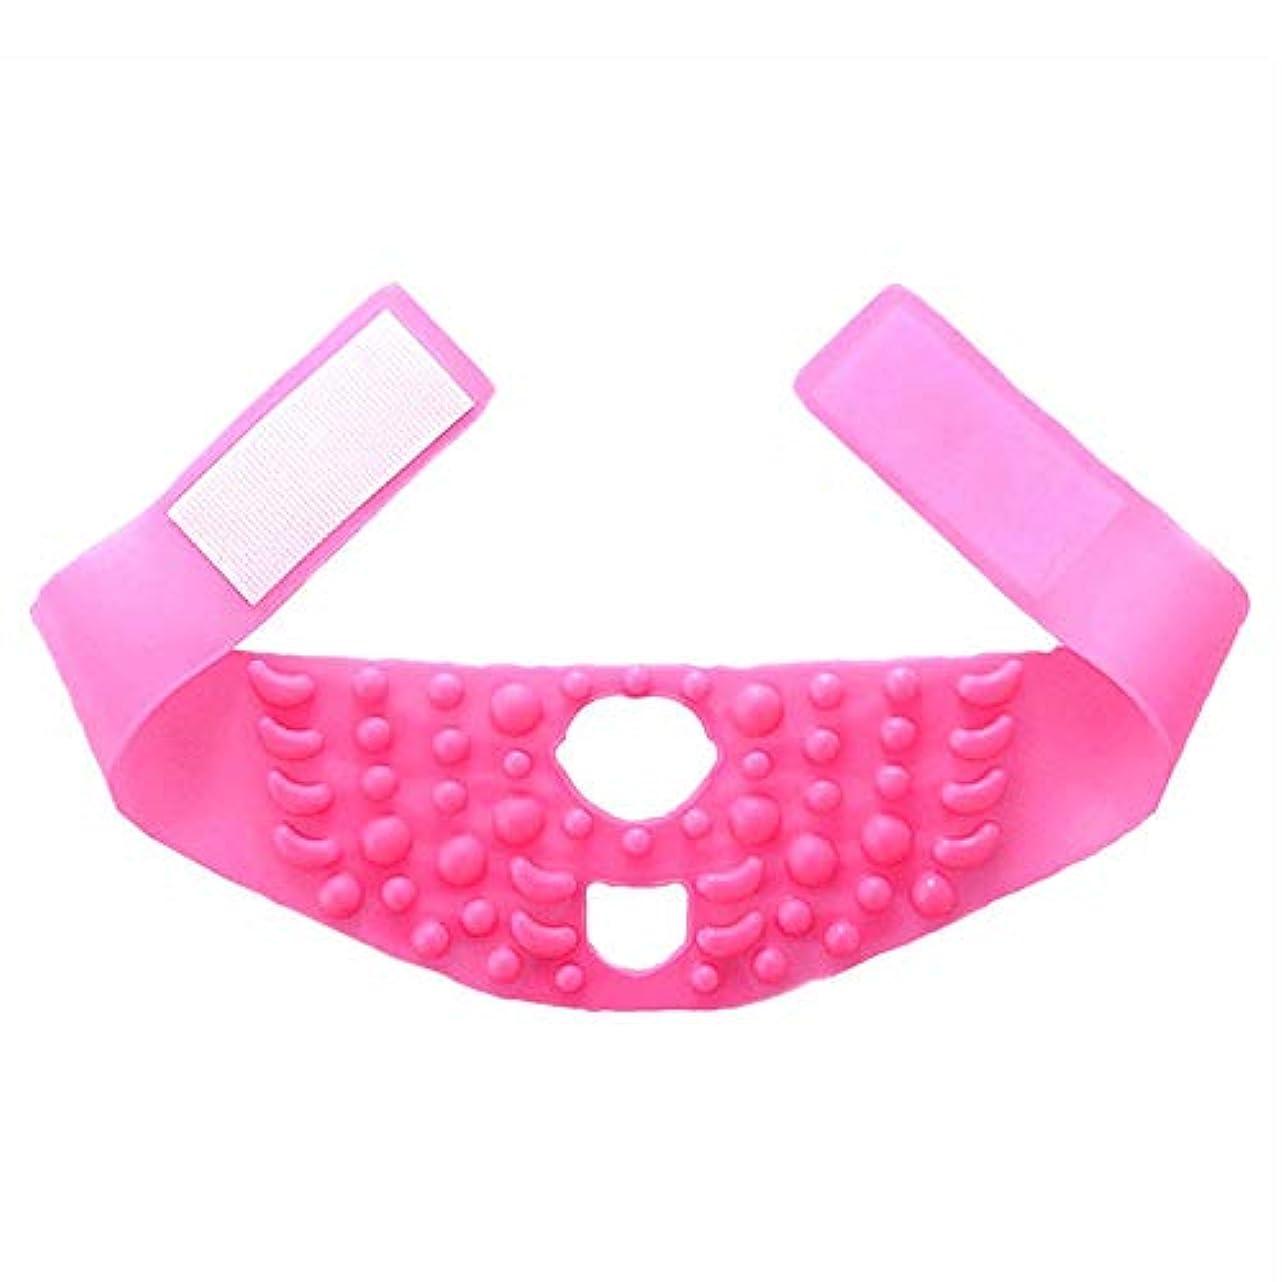 上院議員虫補正シンフェイスマスクシリコーンマッサージ引き締まった形の小さなVフェイスリフティングに薄いフェイスアーティファクト包帯を飾る - ピンク